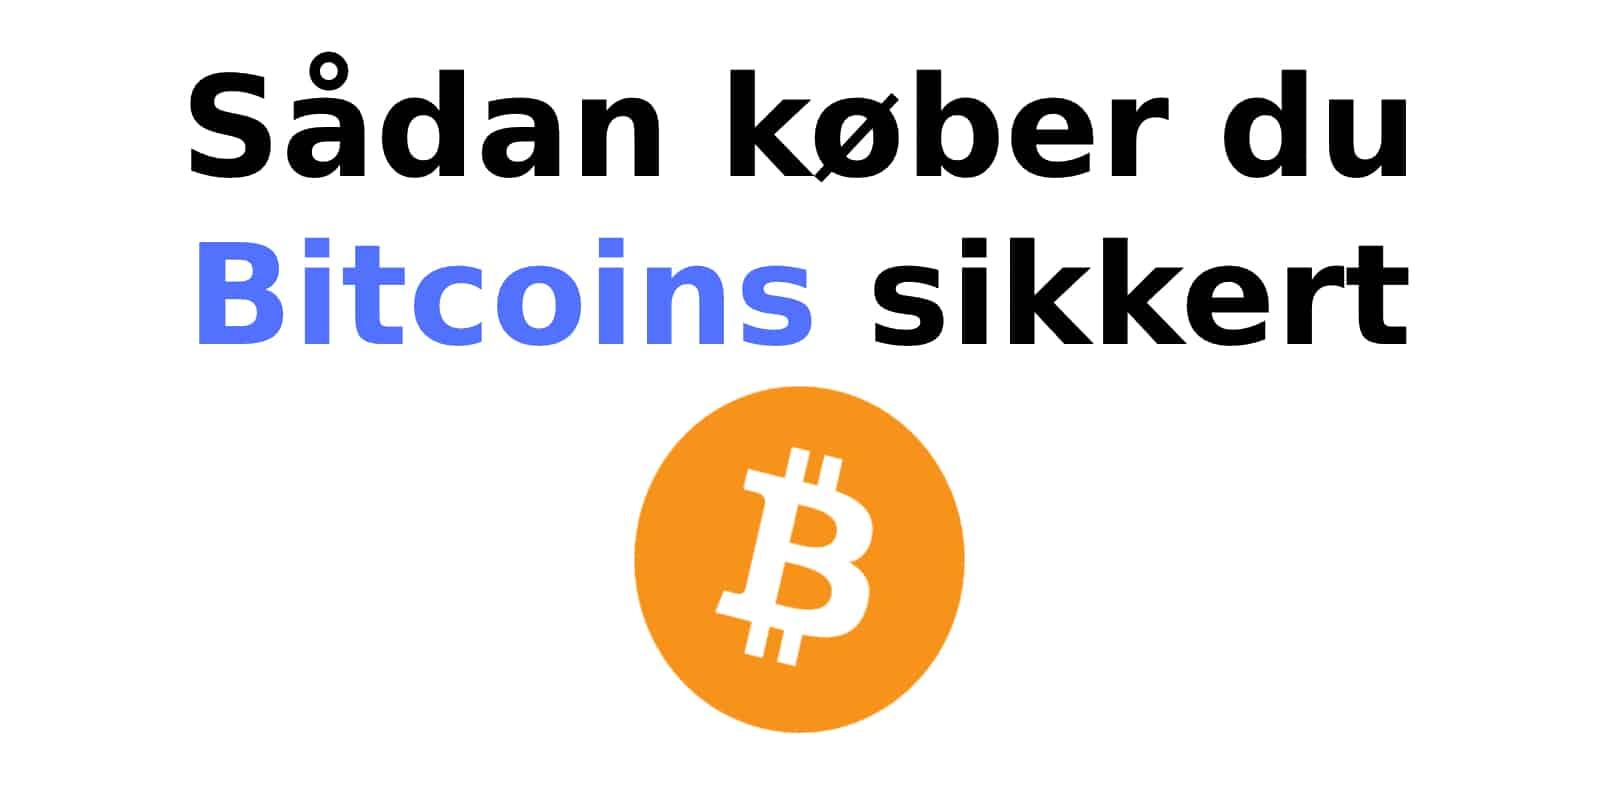 Sådan køber du Bitcoins sikkert